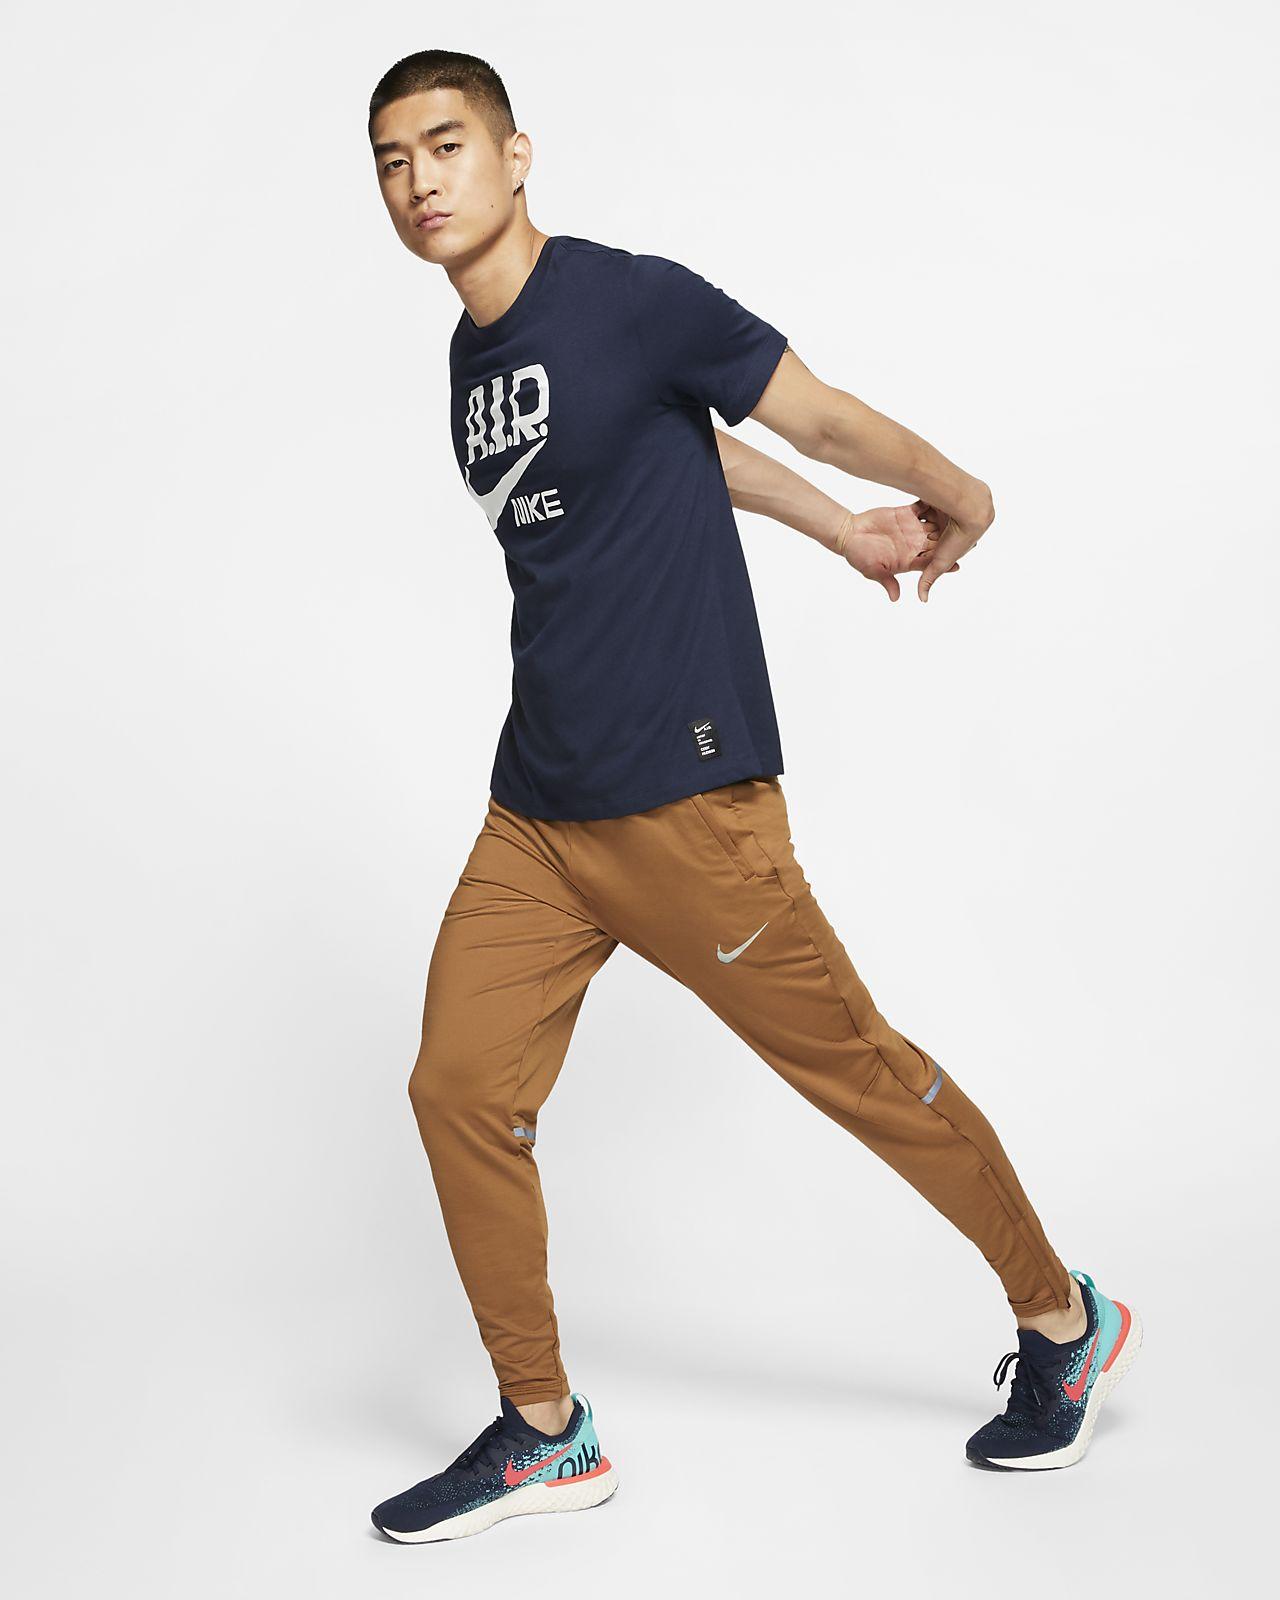 Nike Dri-FIT A.I.R. Playera de running para hombre Cody Hudson